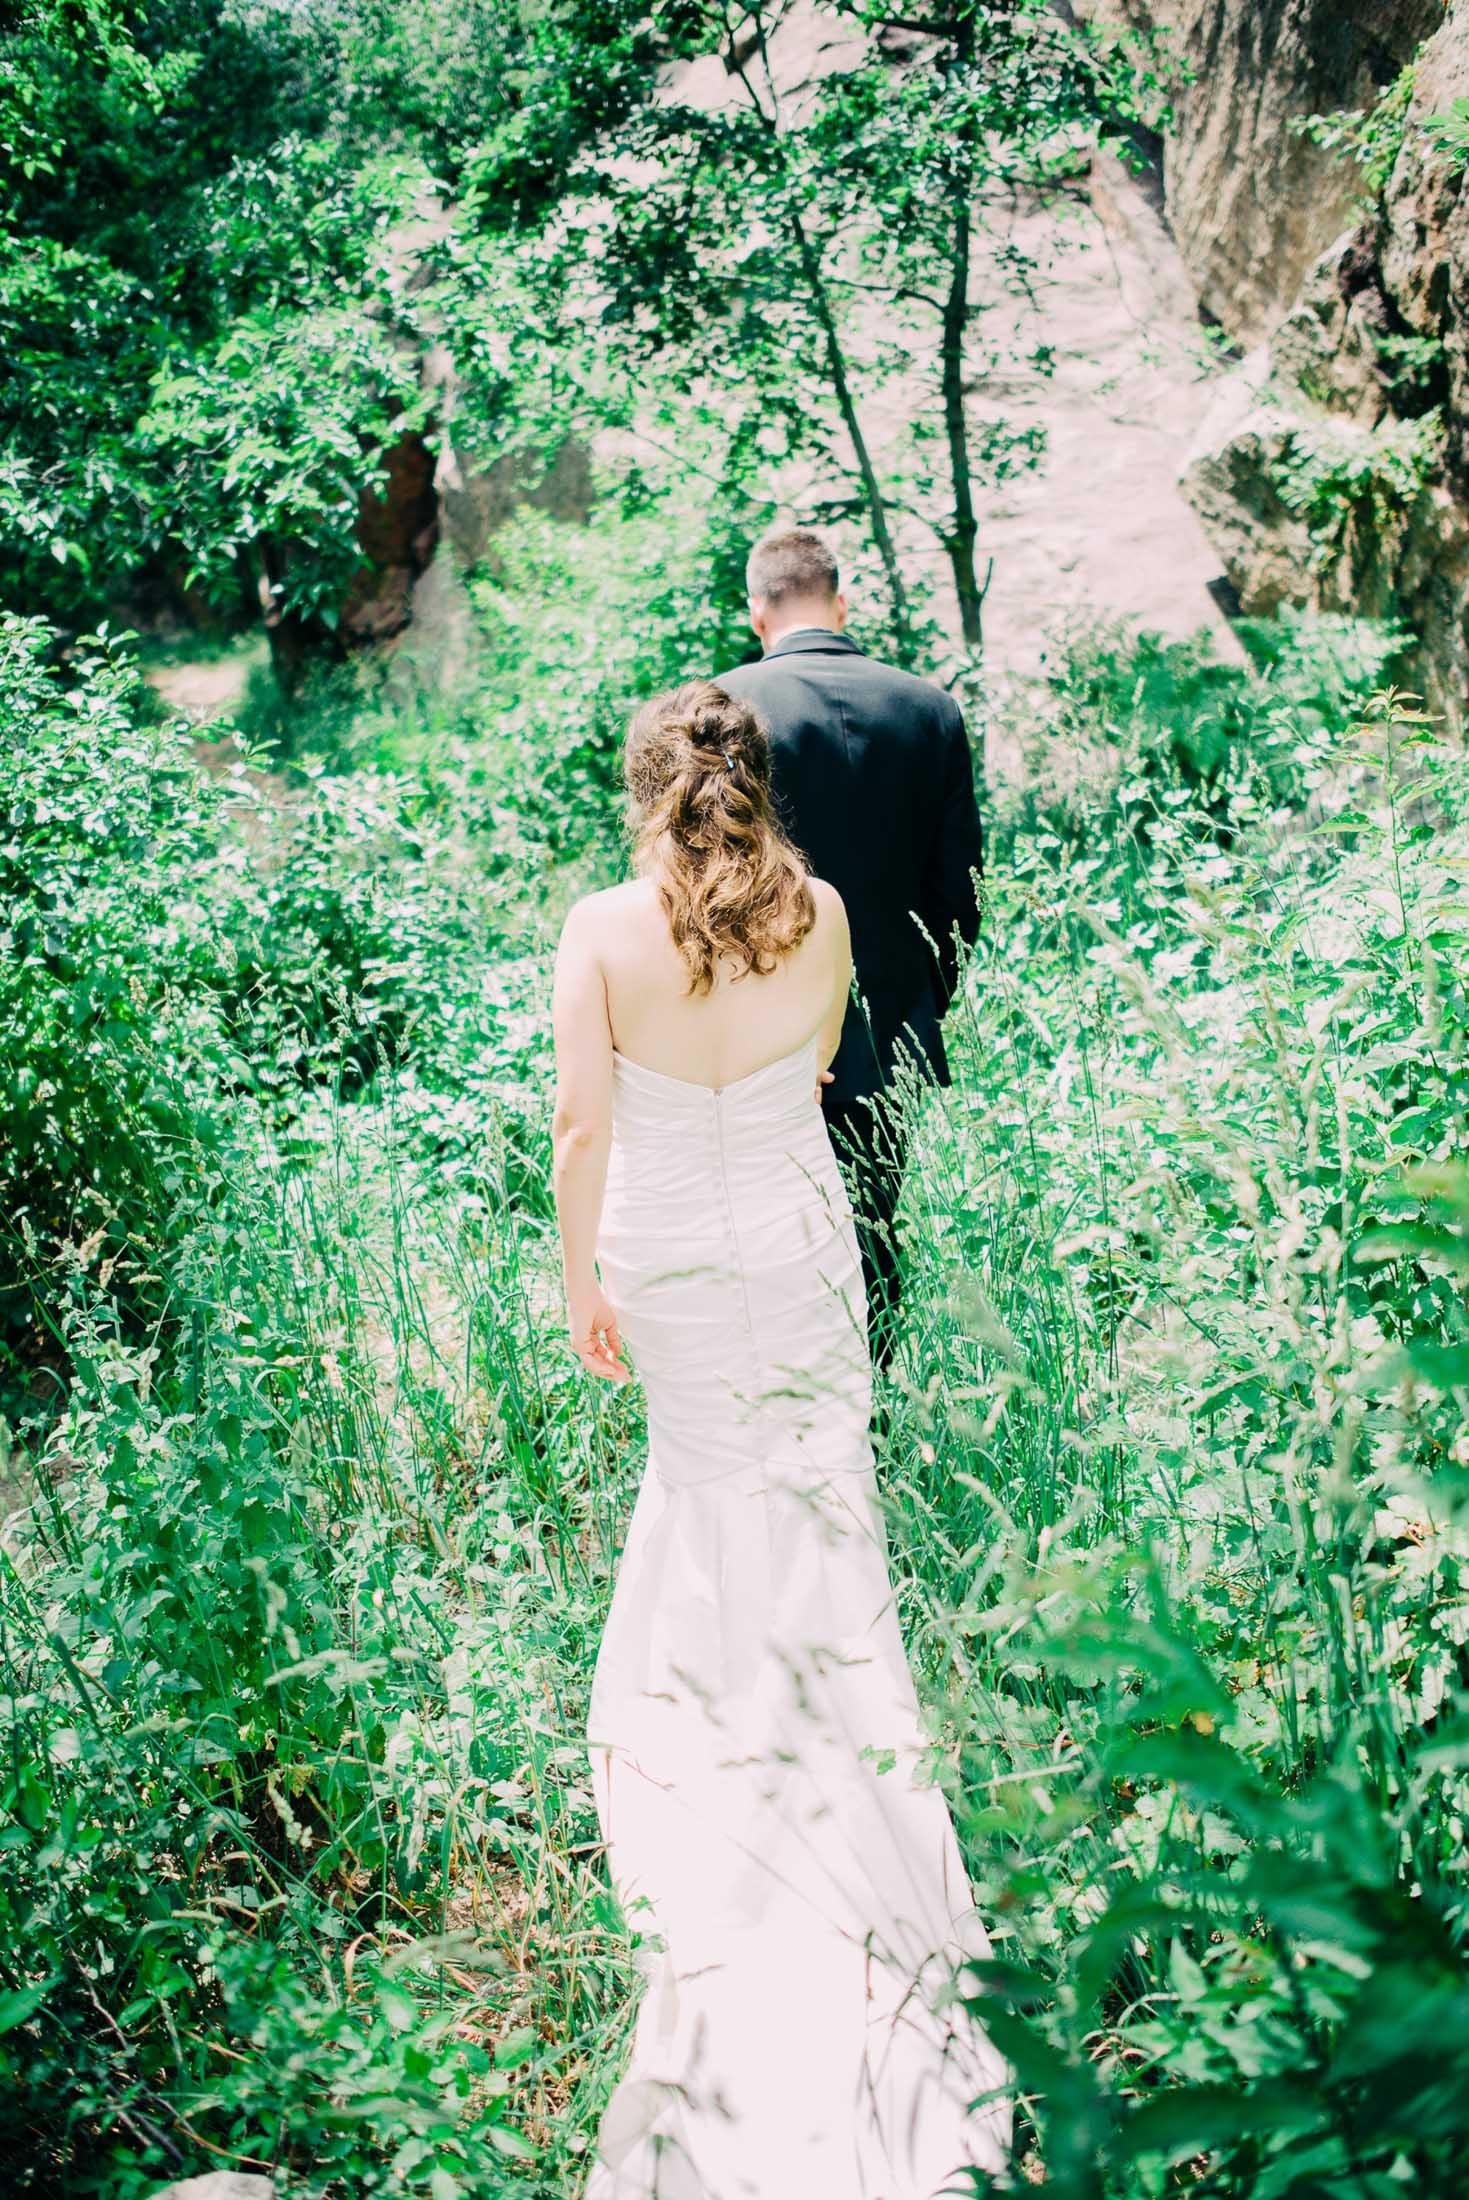 59elopement-photographer-colorado-colorado-mountain-wedding-photographer-romantic-wedding-pictures_022.jpg